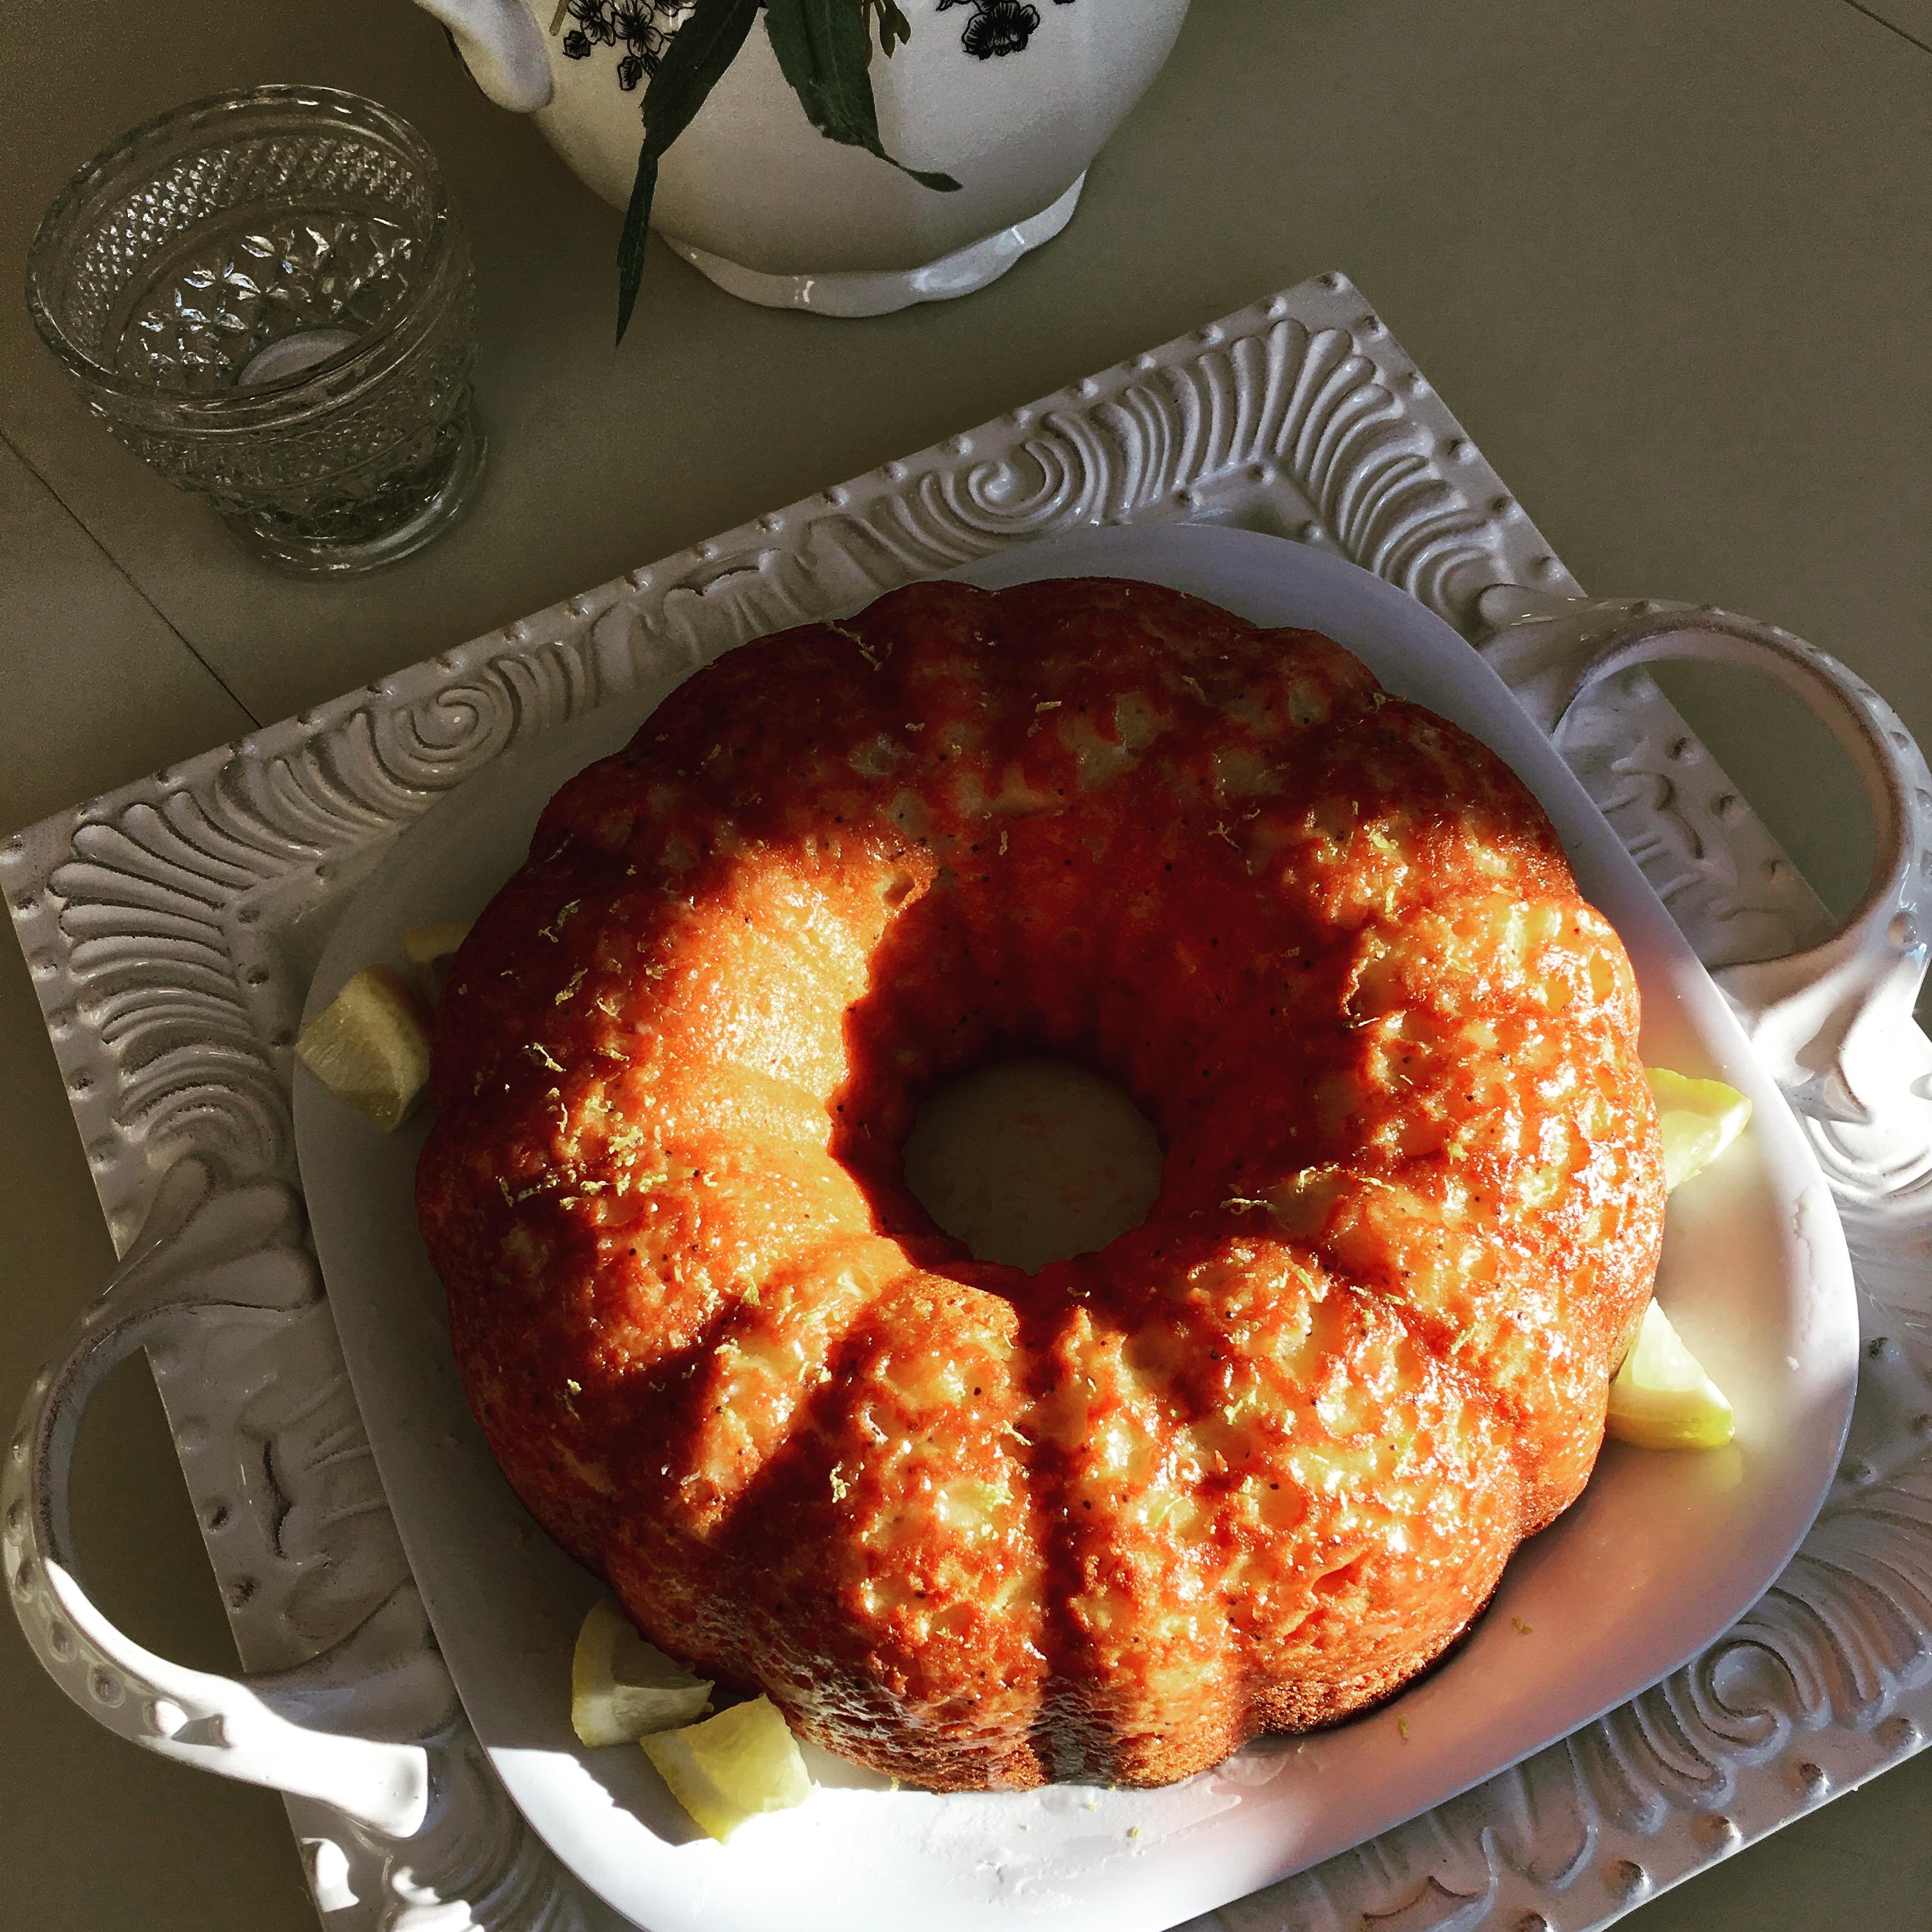 Lemon Poppy Seed Bundt Cake leboulanger